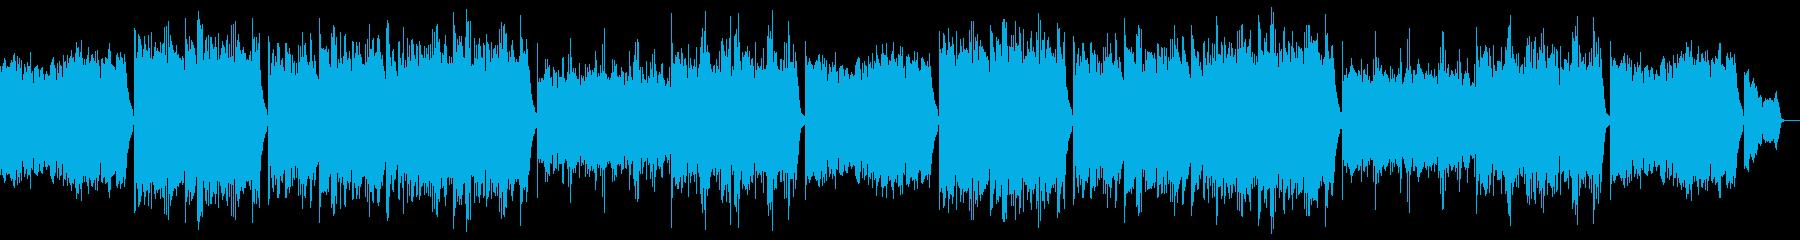 優しく落ち着くピアノポップ:フルx2の再生済みの波形